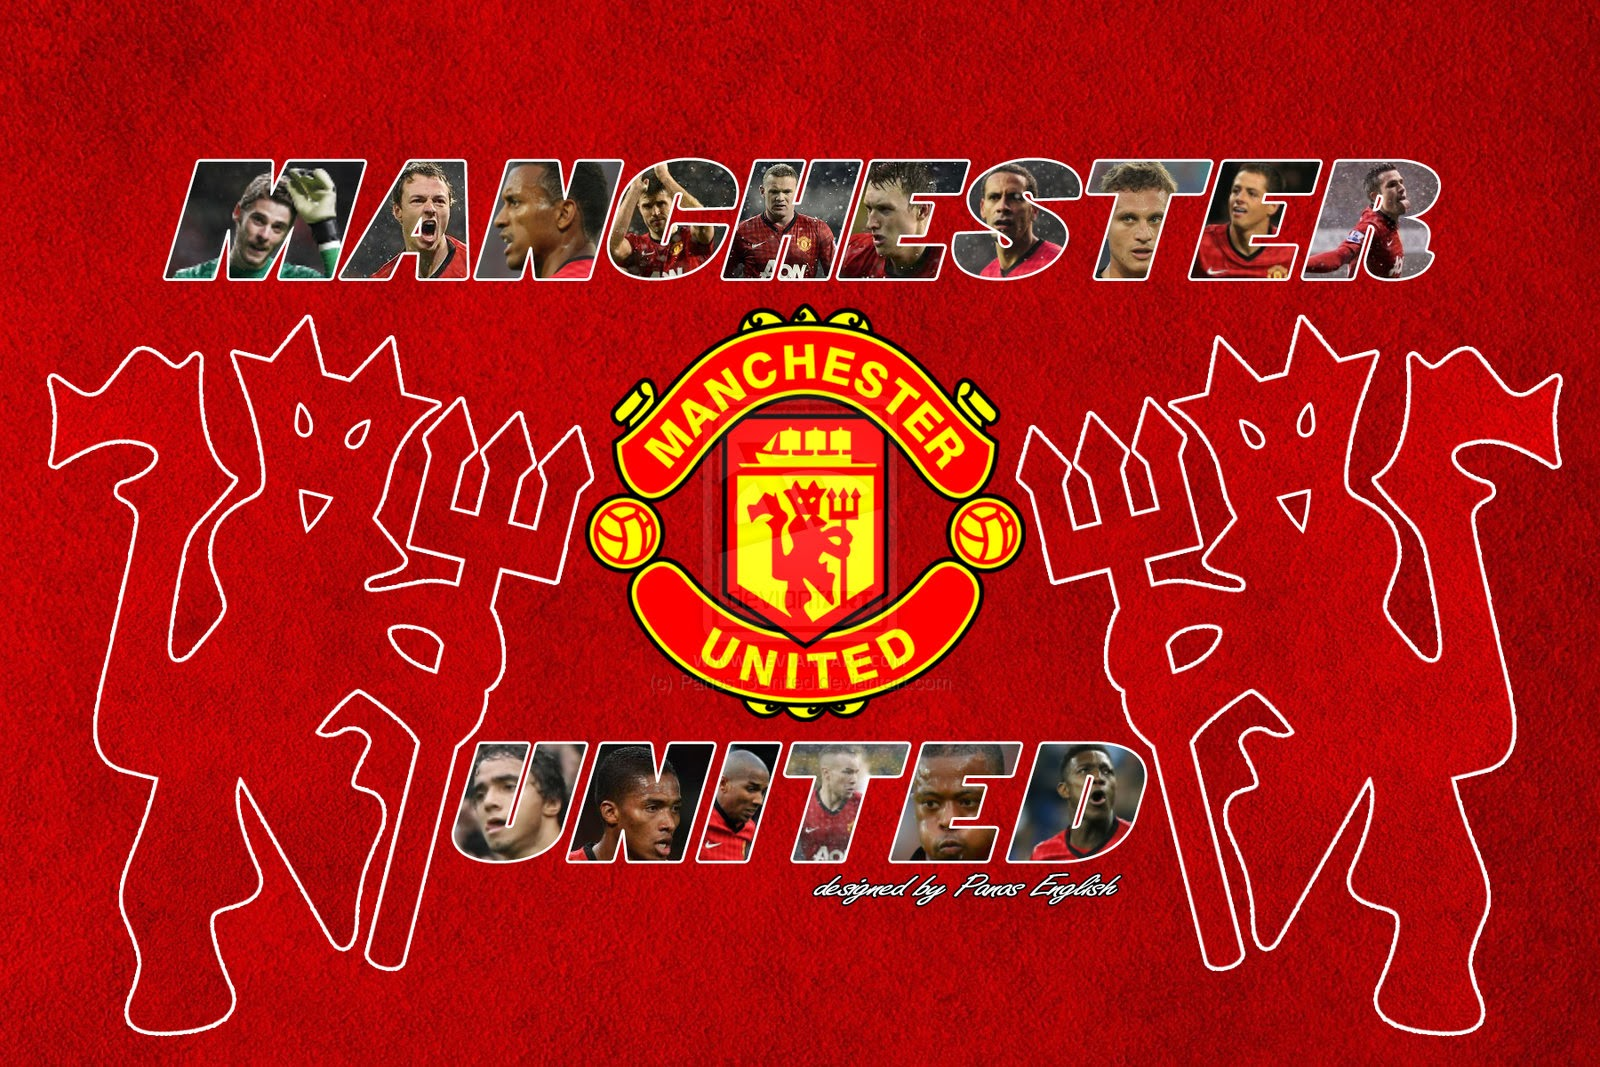 """<img src=""""http://1.bp.blogspot.com/--I5vg6vtJpY/U96VTLoap4I/AAAAAAAAAb8/E110VKH1uSc/s1600/manchester-united.jpeg"""" alt=""""Richest Football Clubs in the World"""" />"""